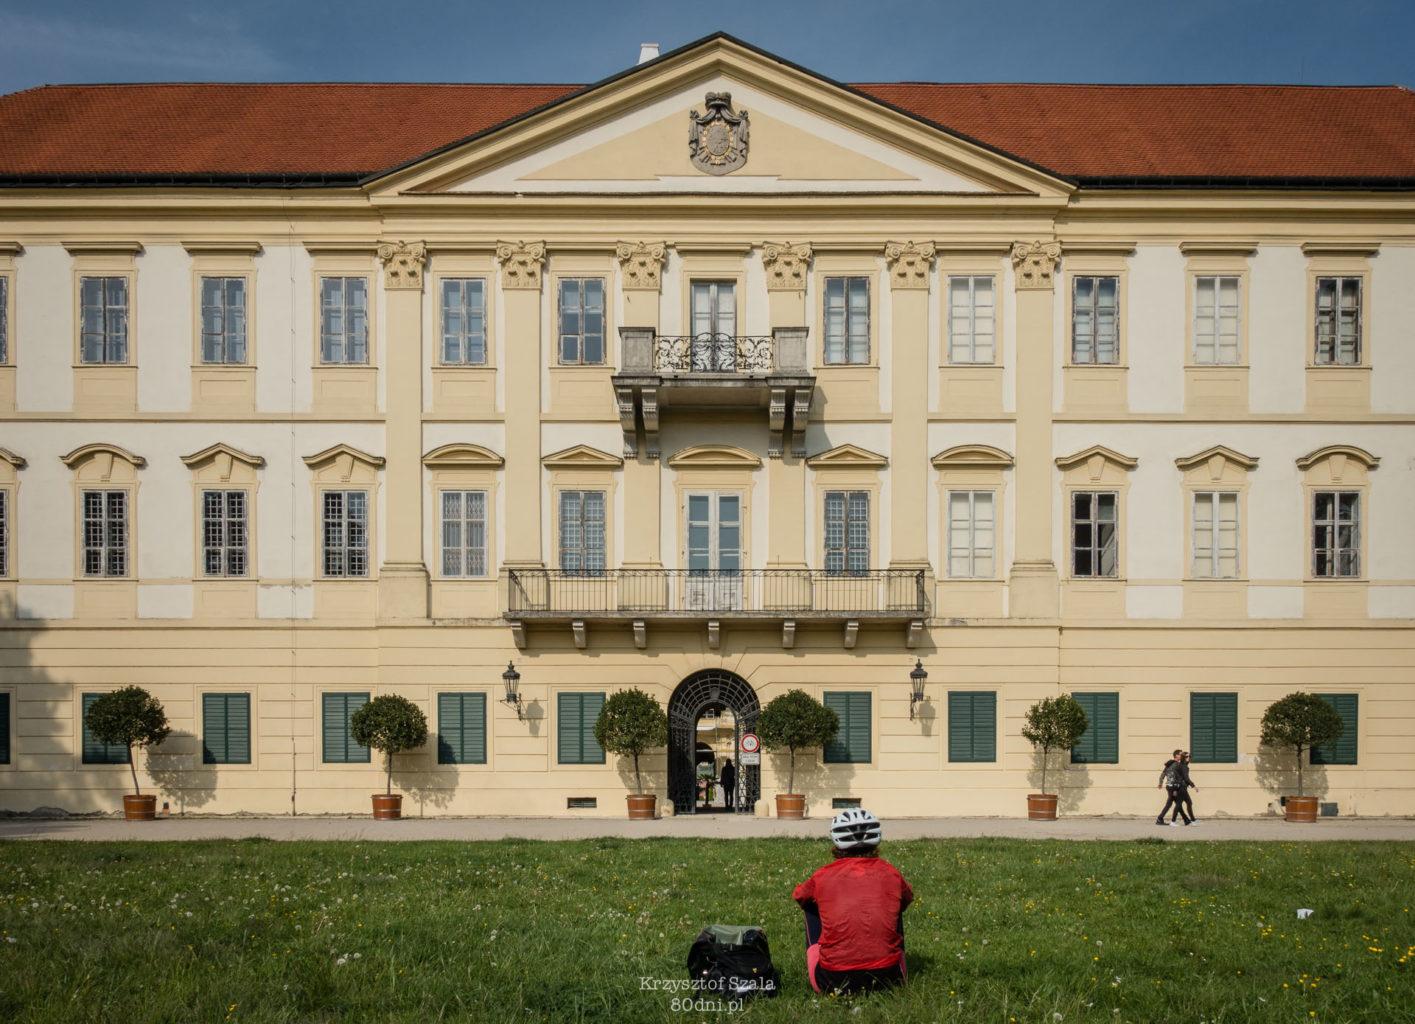 Pałac w Valticach – wraz z kompleksem w Lednicach znajduje się na liście światowego dziedzictwa UNESCO.